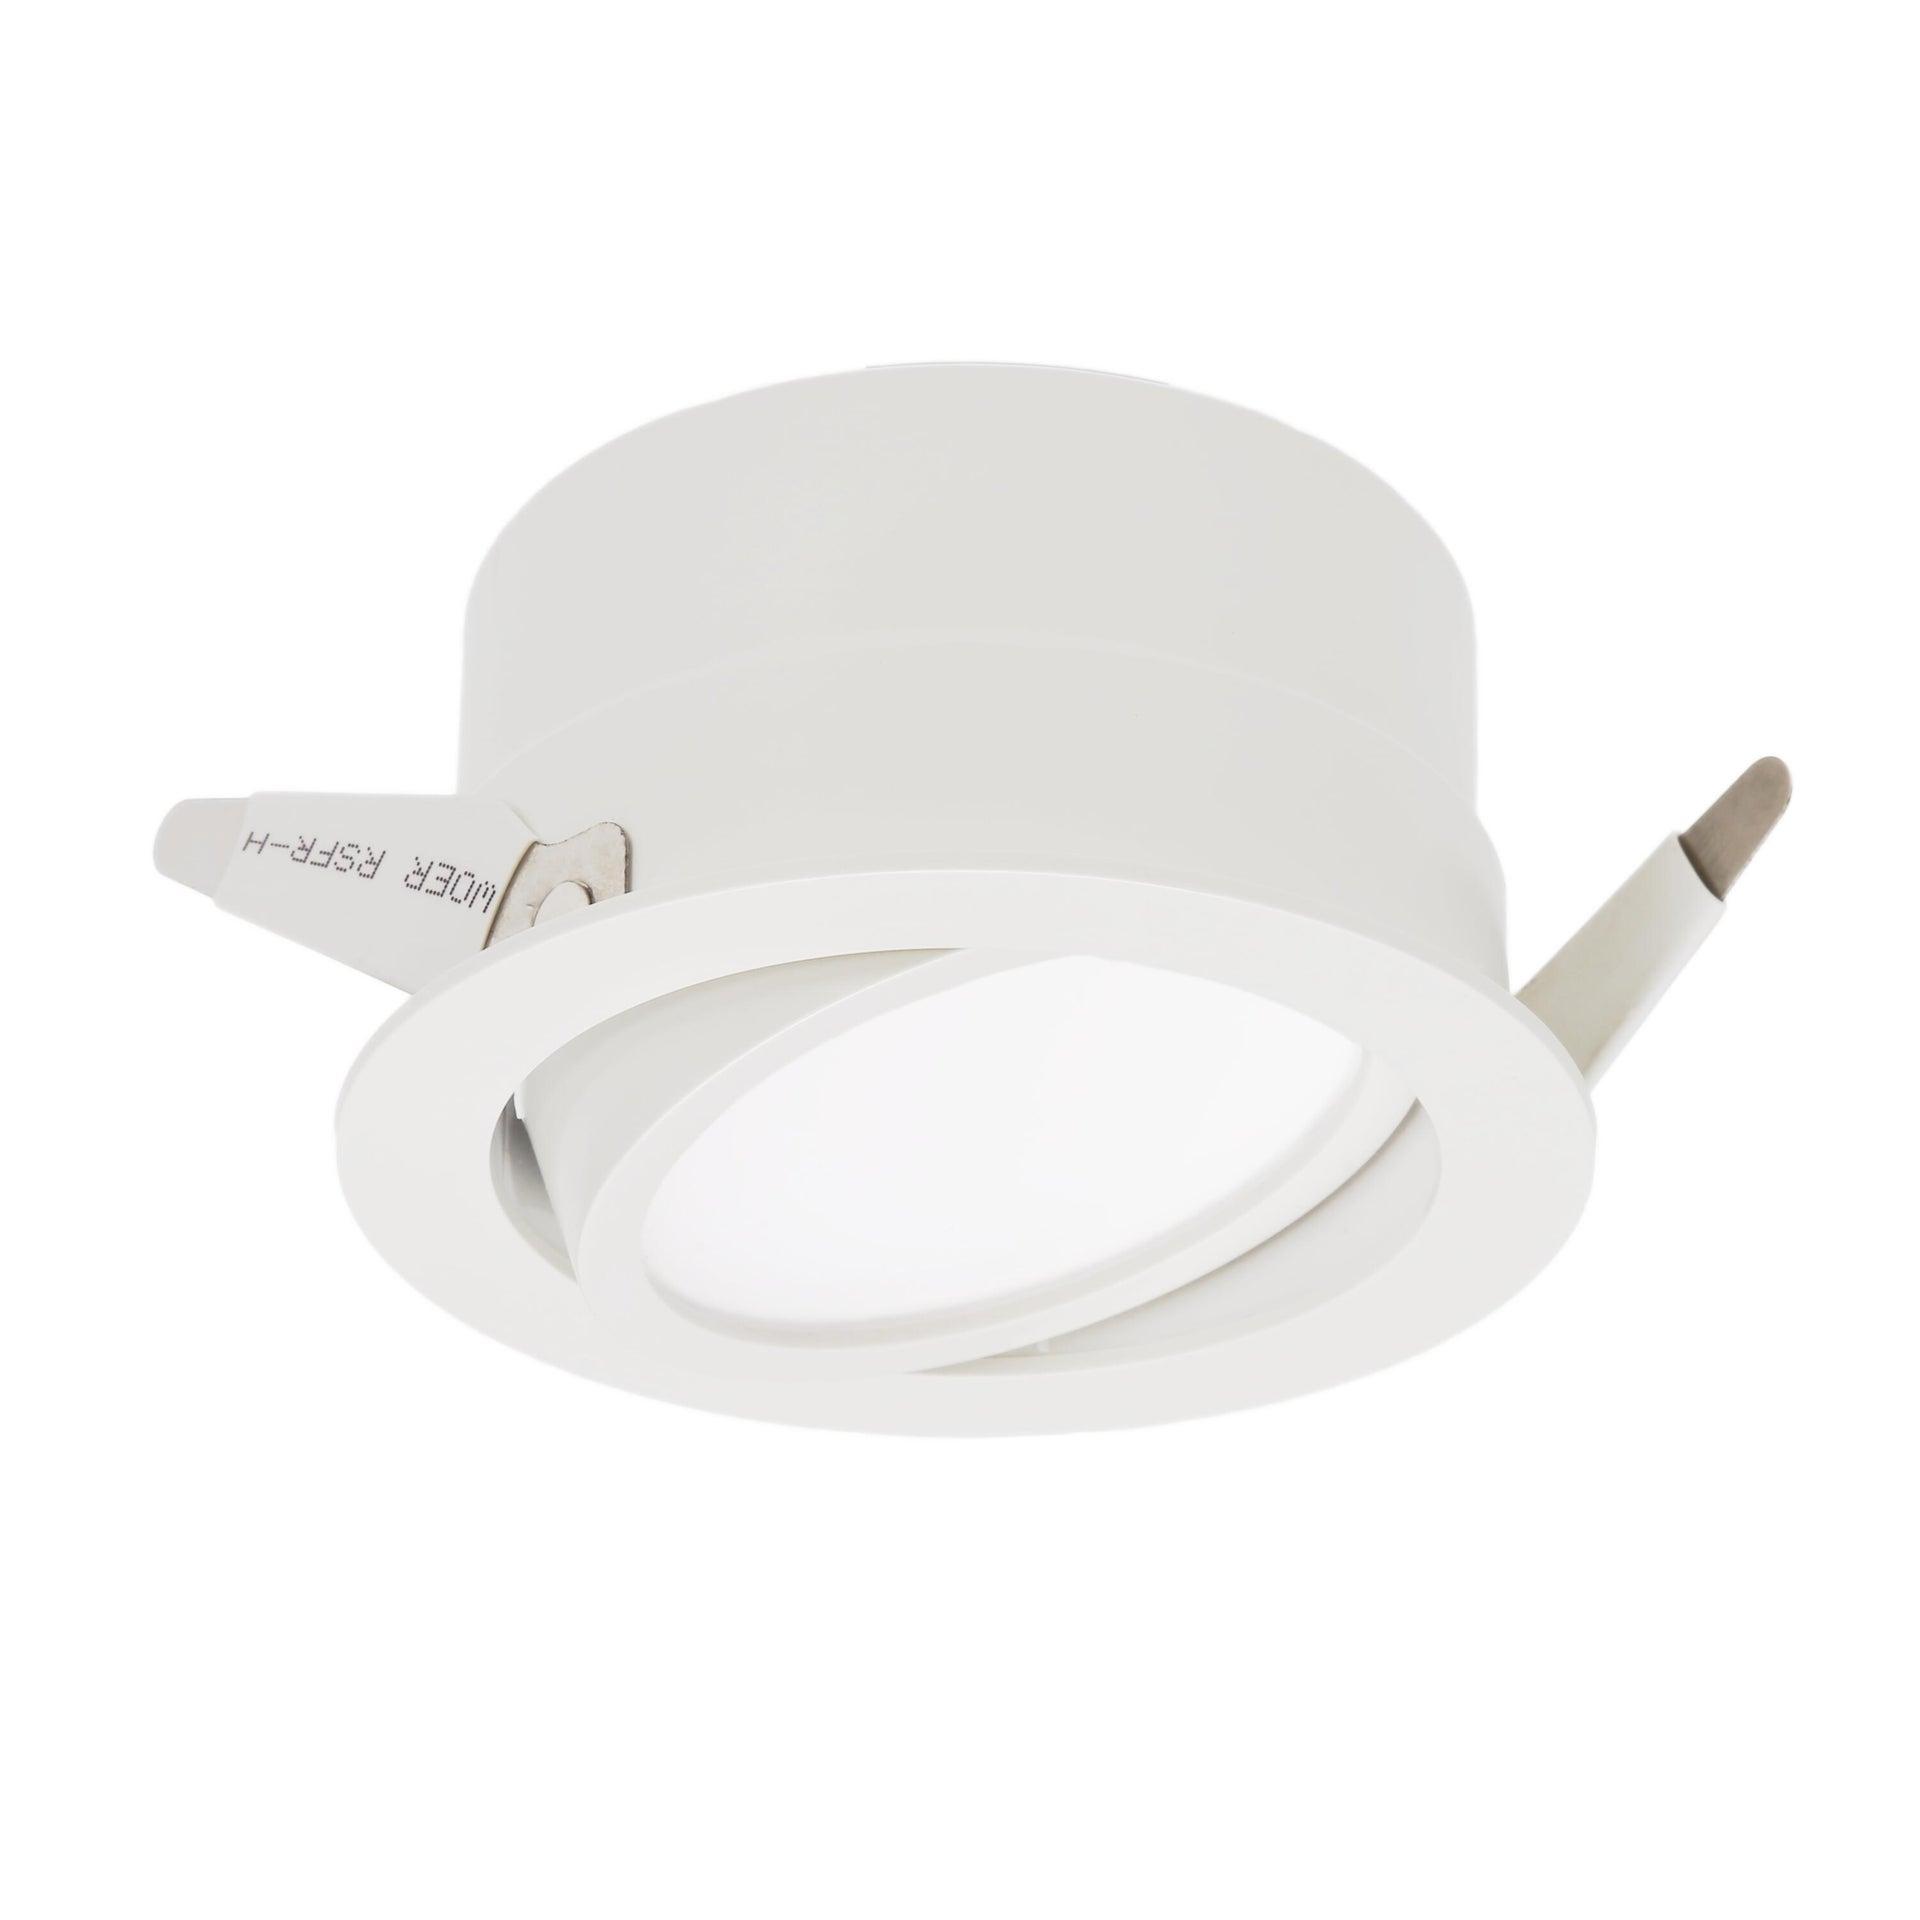 Faretto orientabile da incasso tondo Ori Lindi bianco, diam. 9 cm LED integrato 6.3W 550LM IP65 INSPIRE - 10